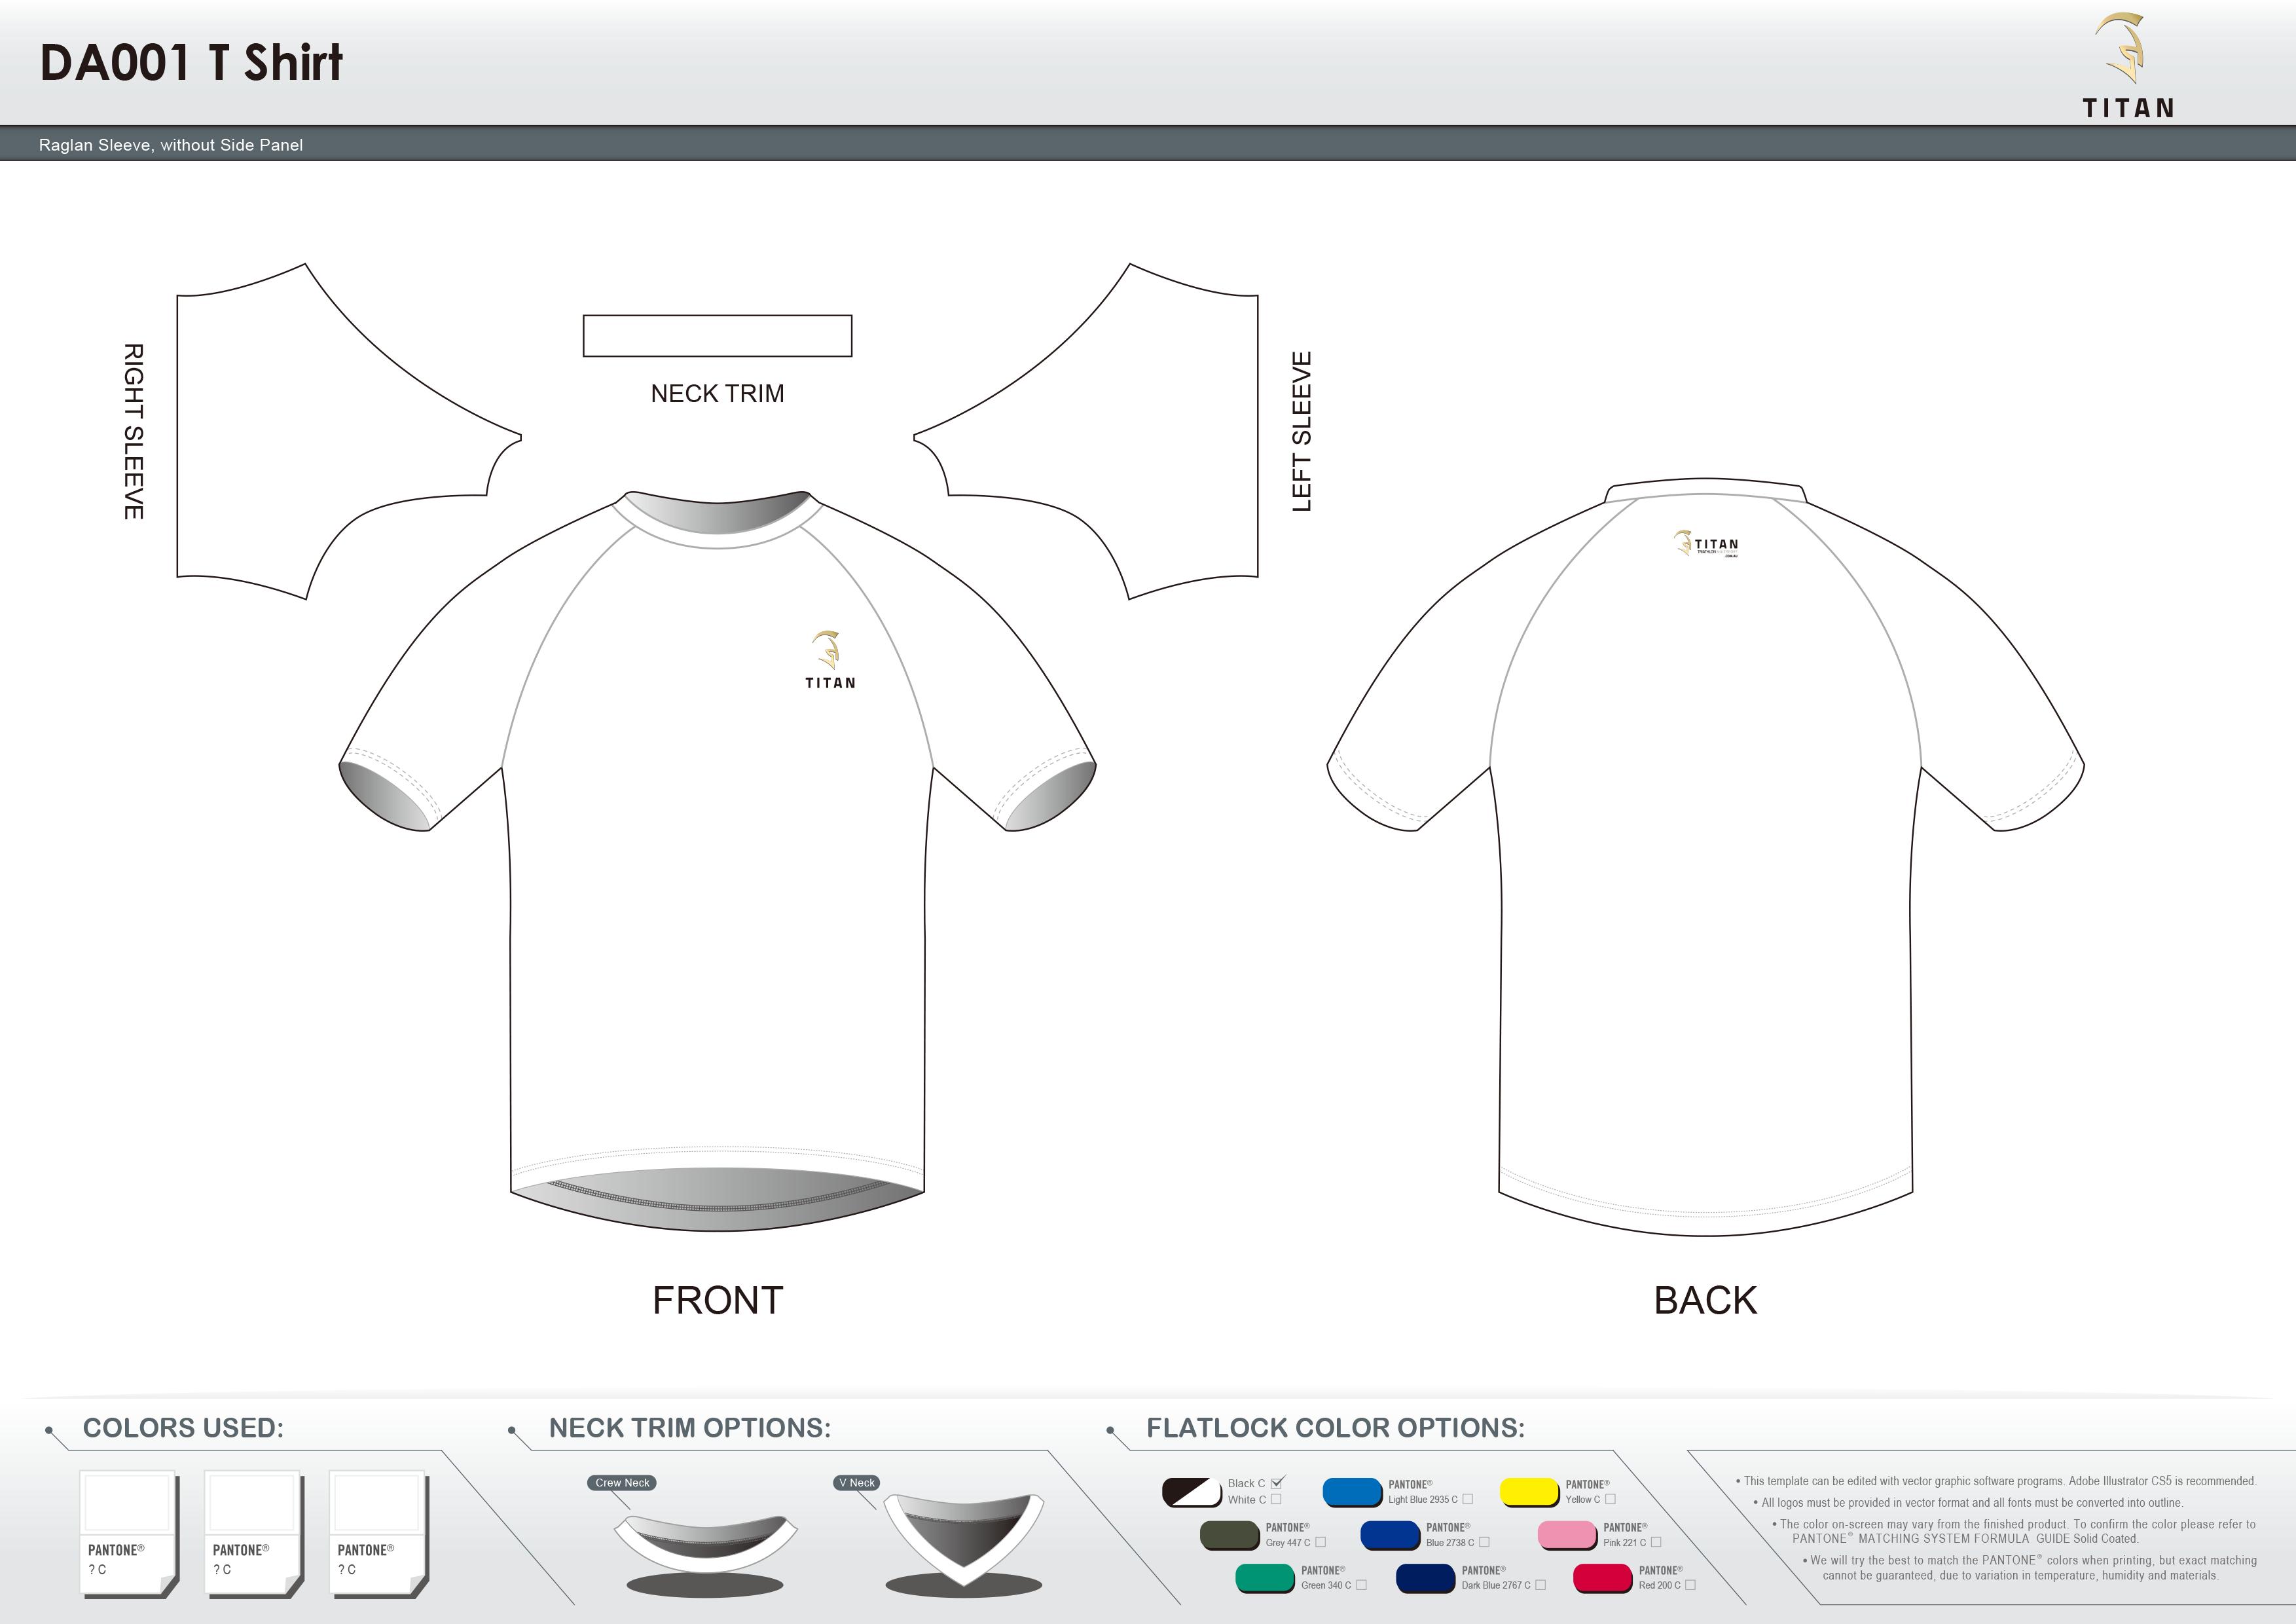 DA001 T Shirt